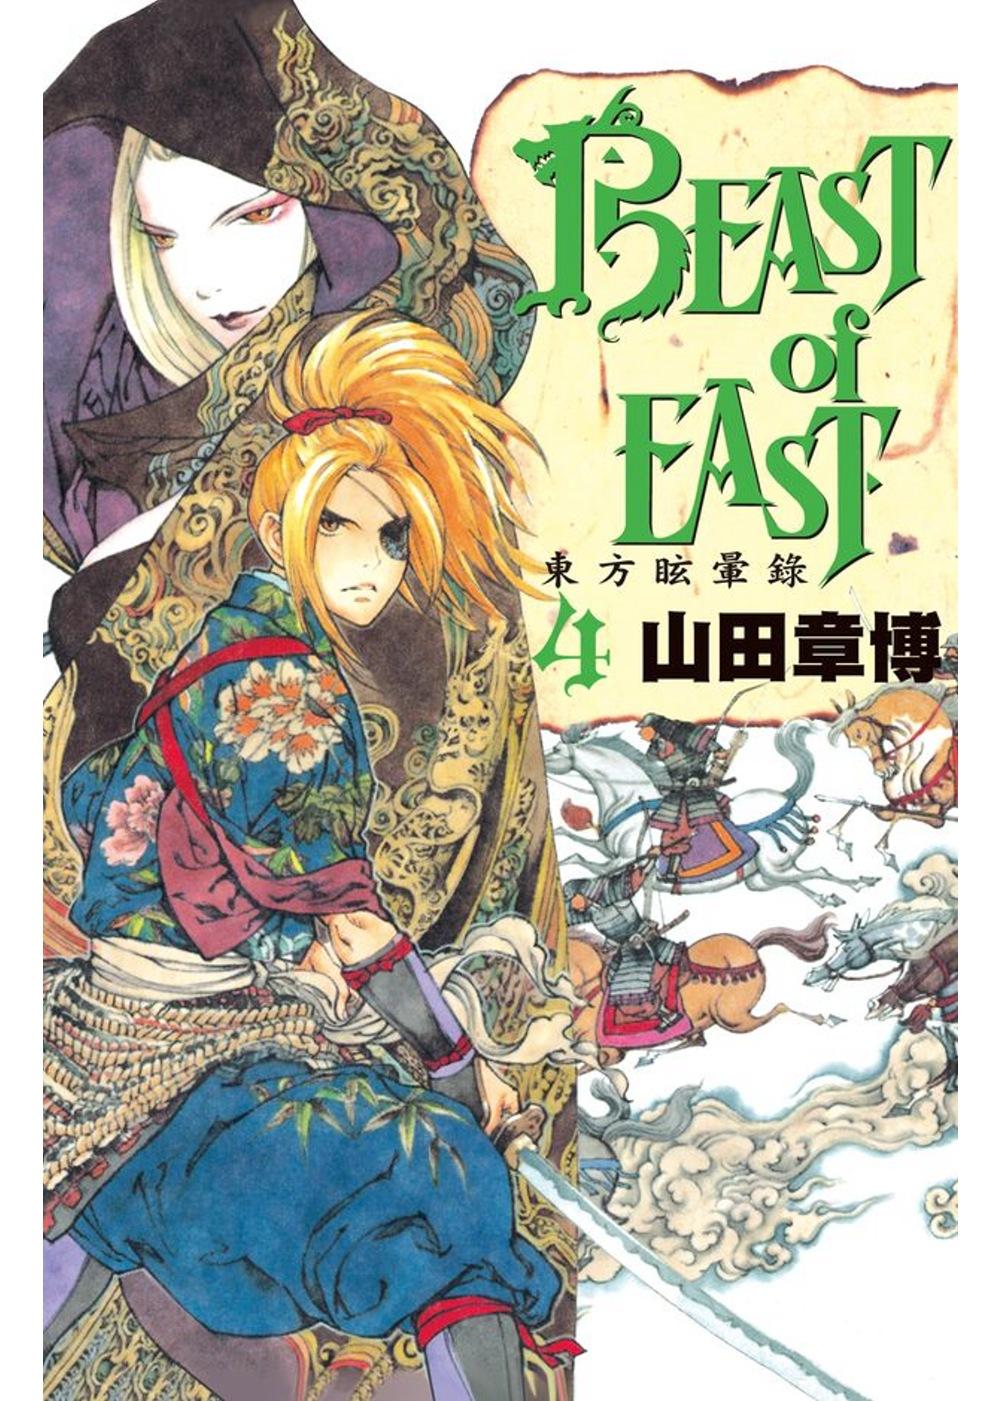 BEAST of EAST ^~ 東方眩暈錄 ^~ 4完